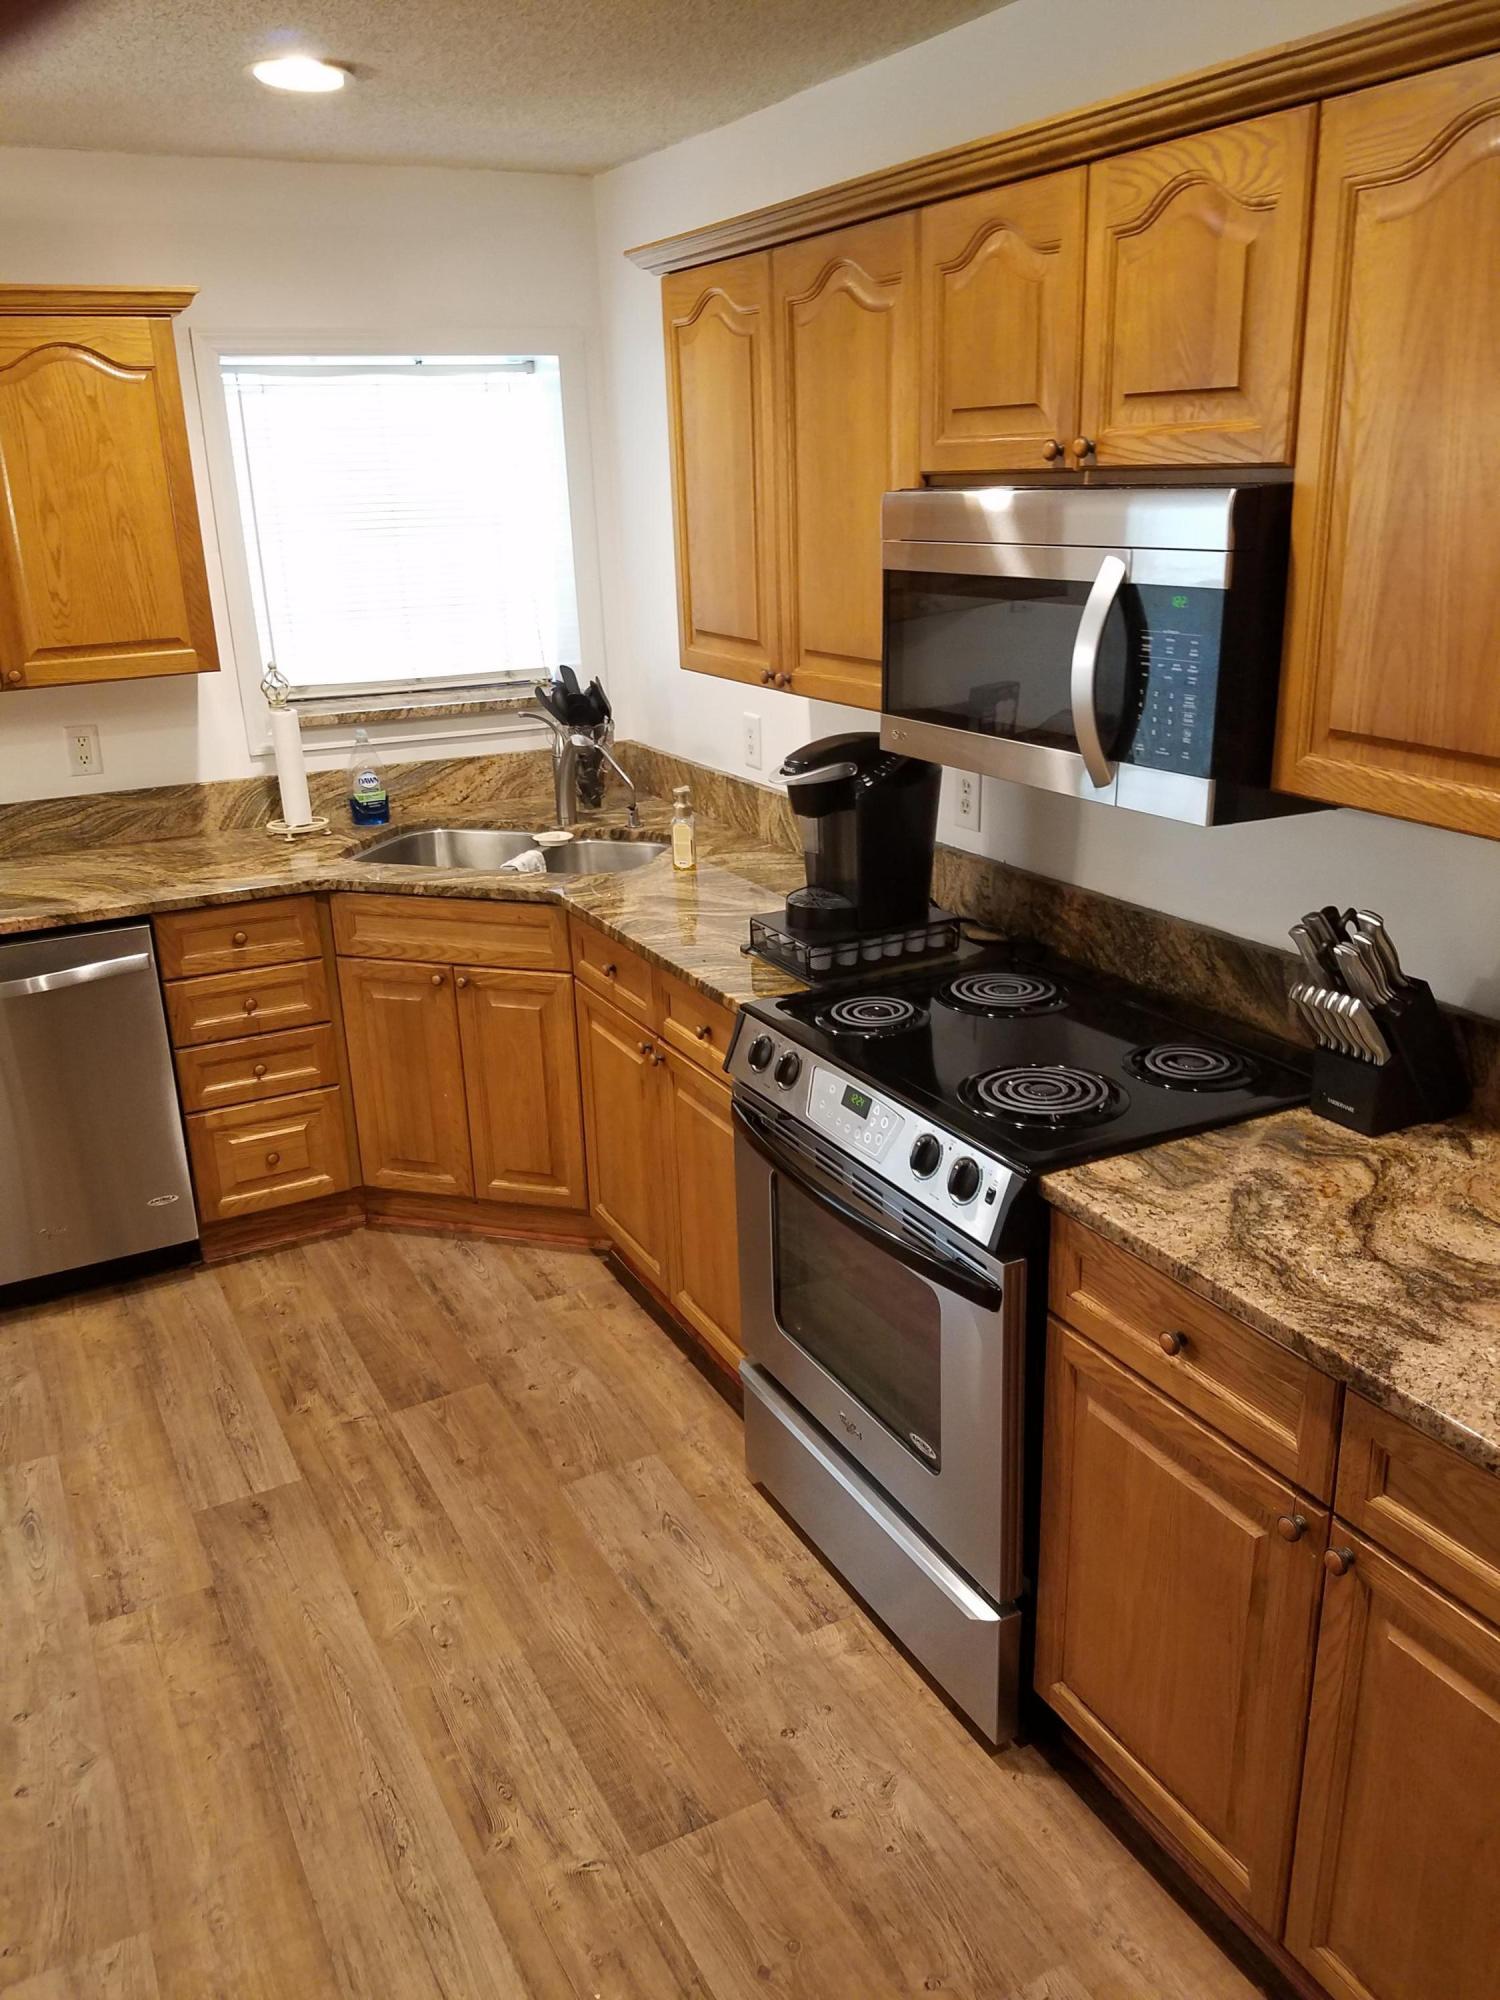 Cross Creek Estates Homes For Sale - 108 Winslow, Summerville, SC - 15